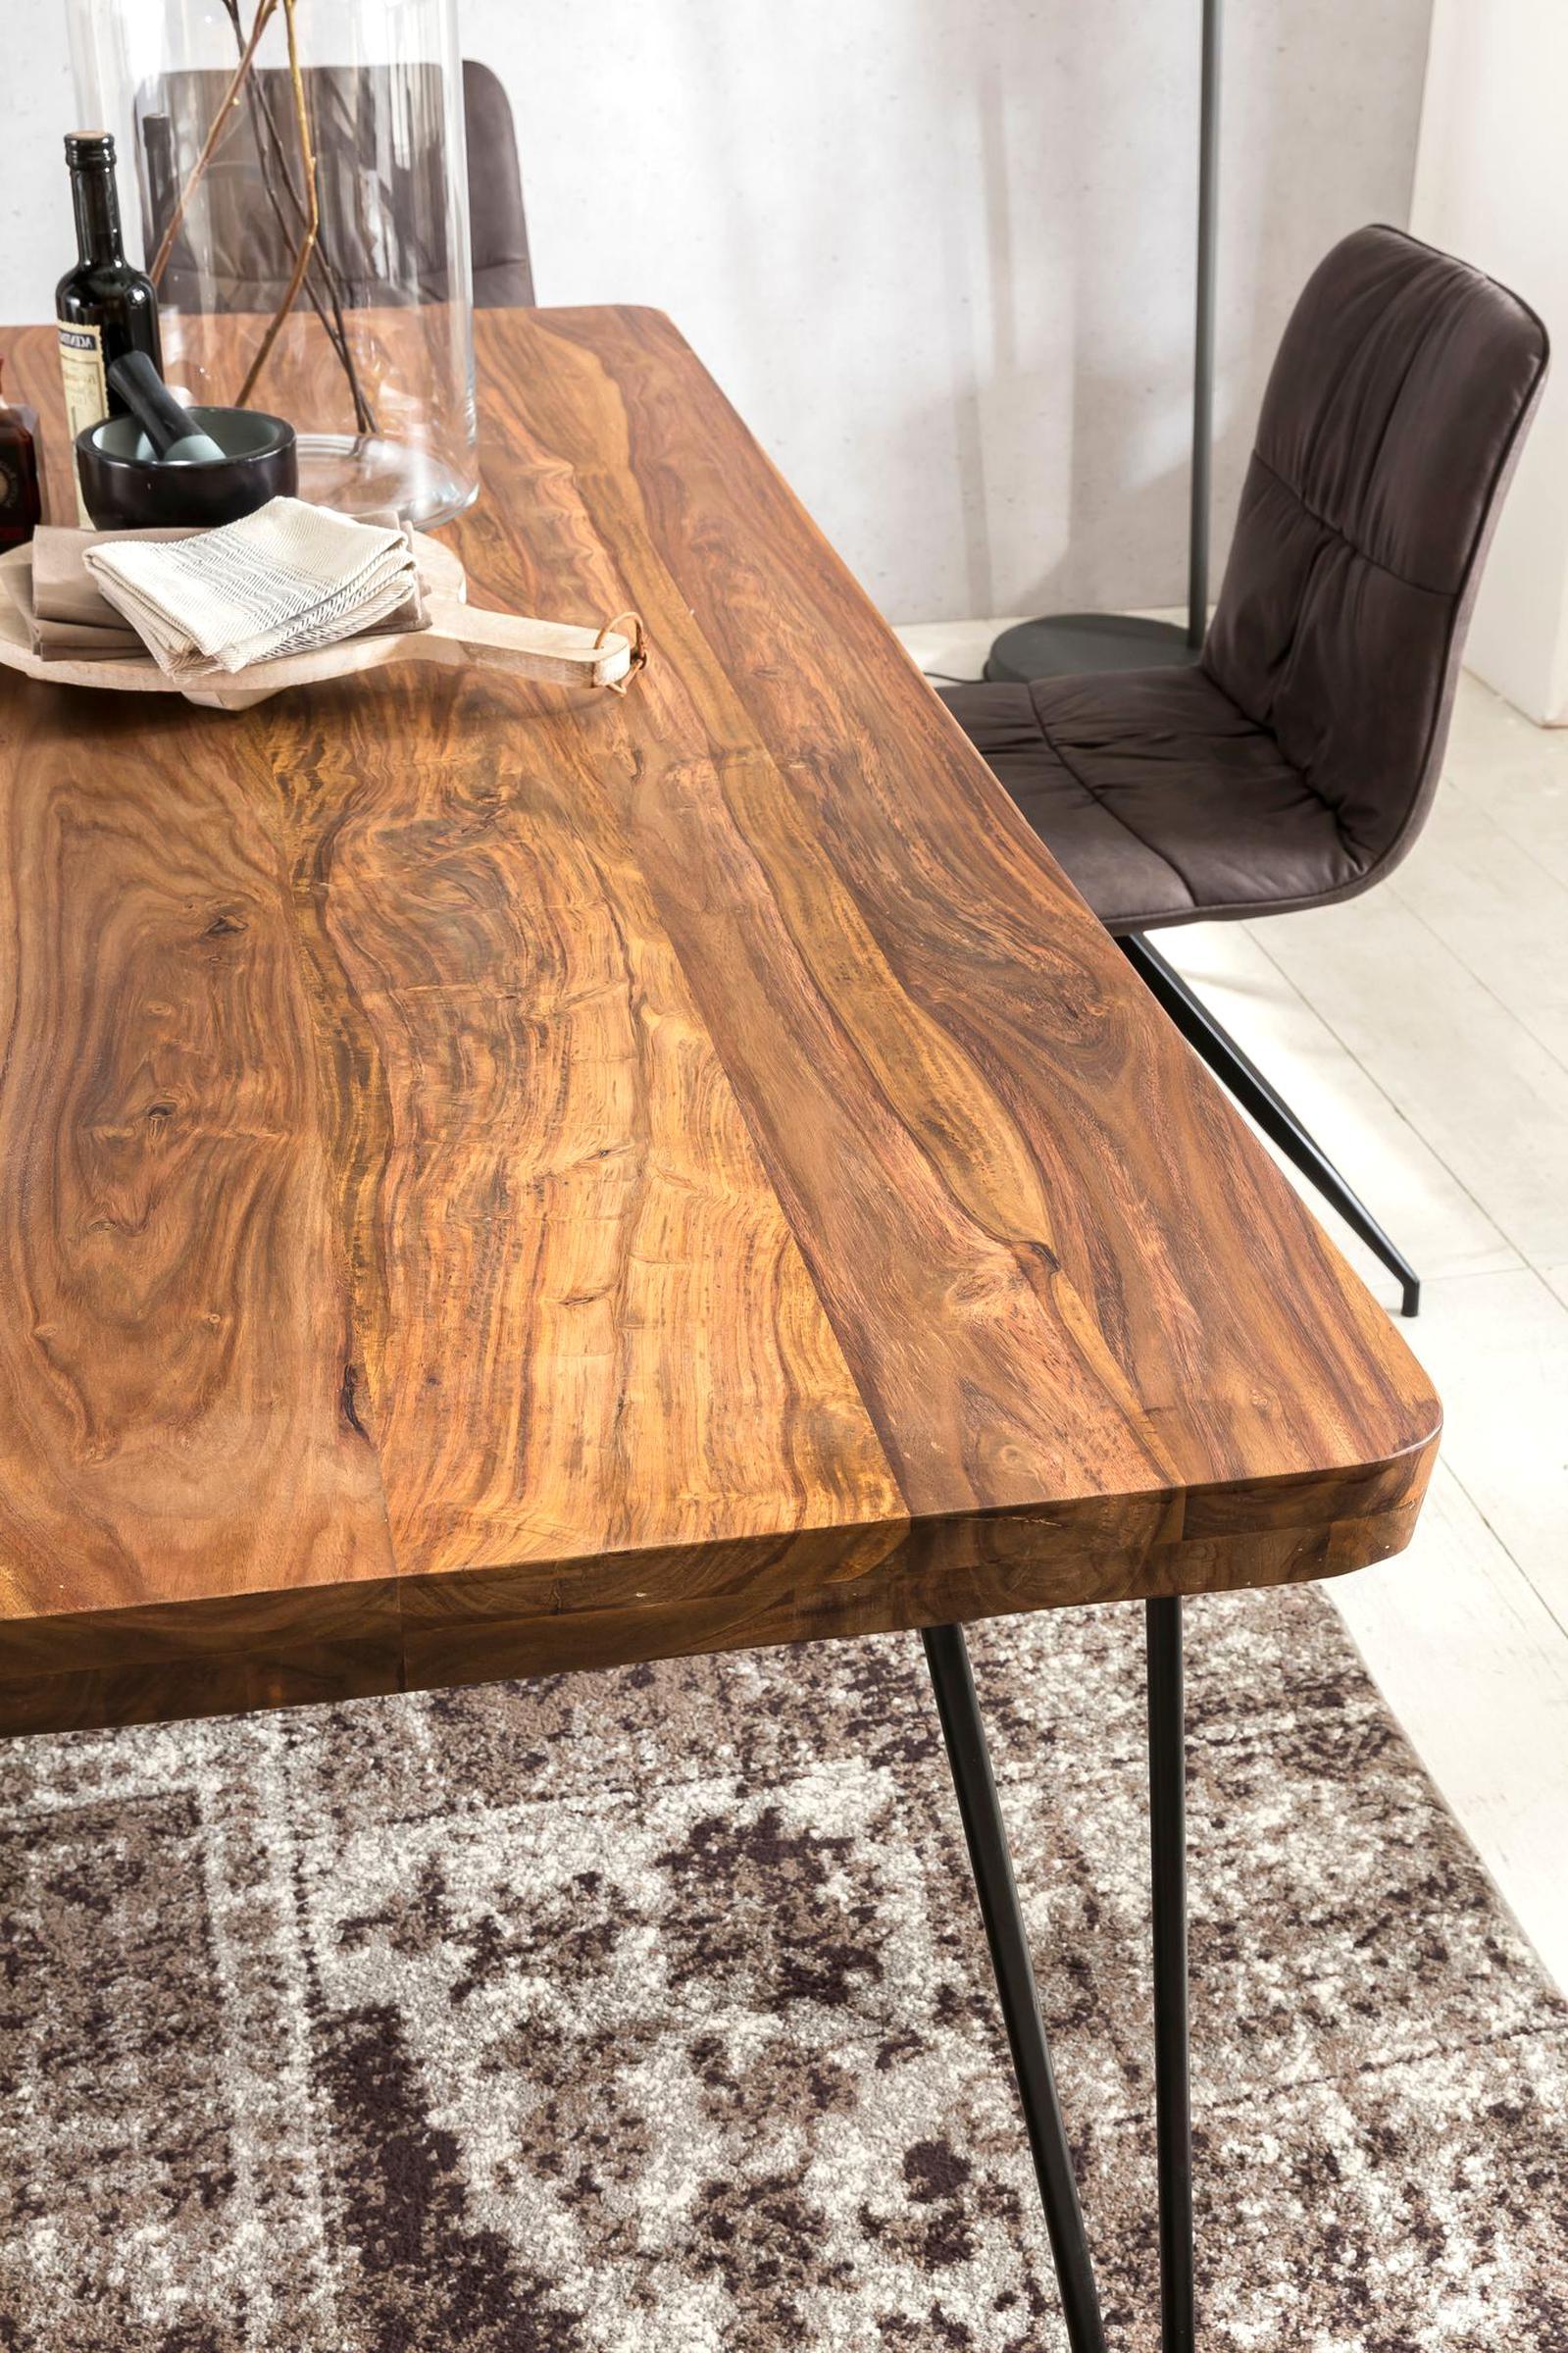 Holztisch Esstisch gebraucht kaufen! Nur 47 St. bis -47% günstiger